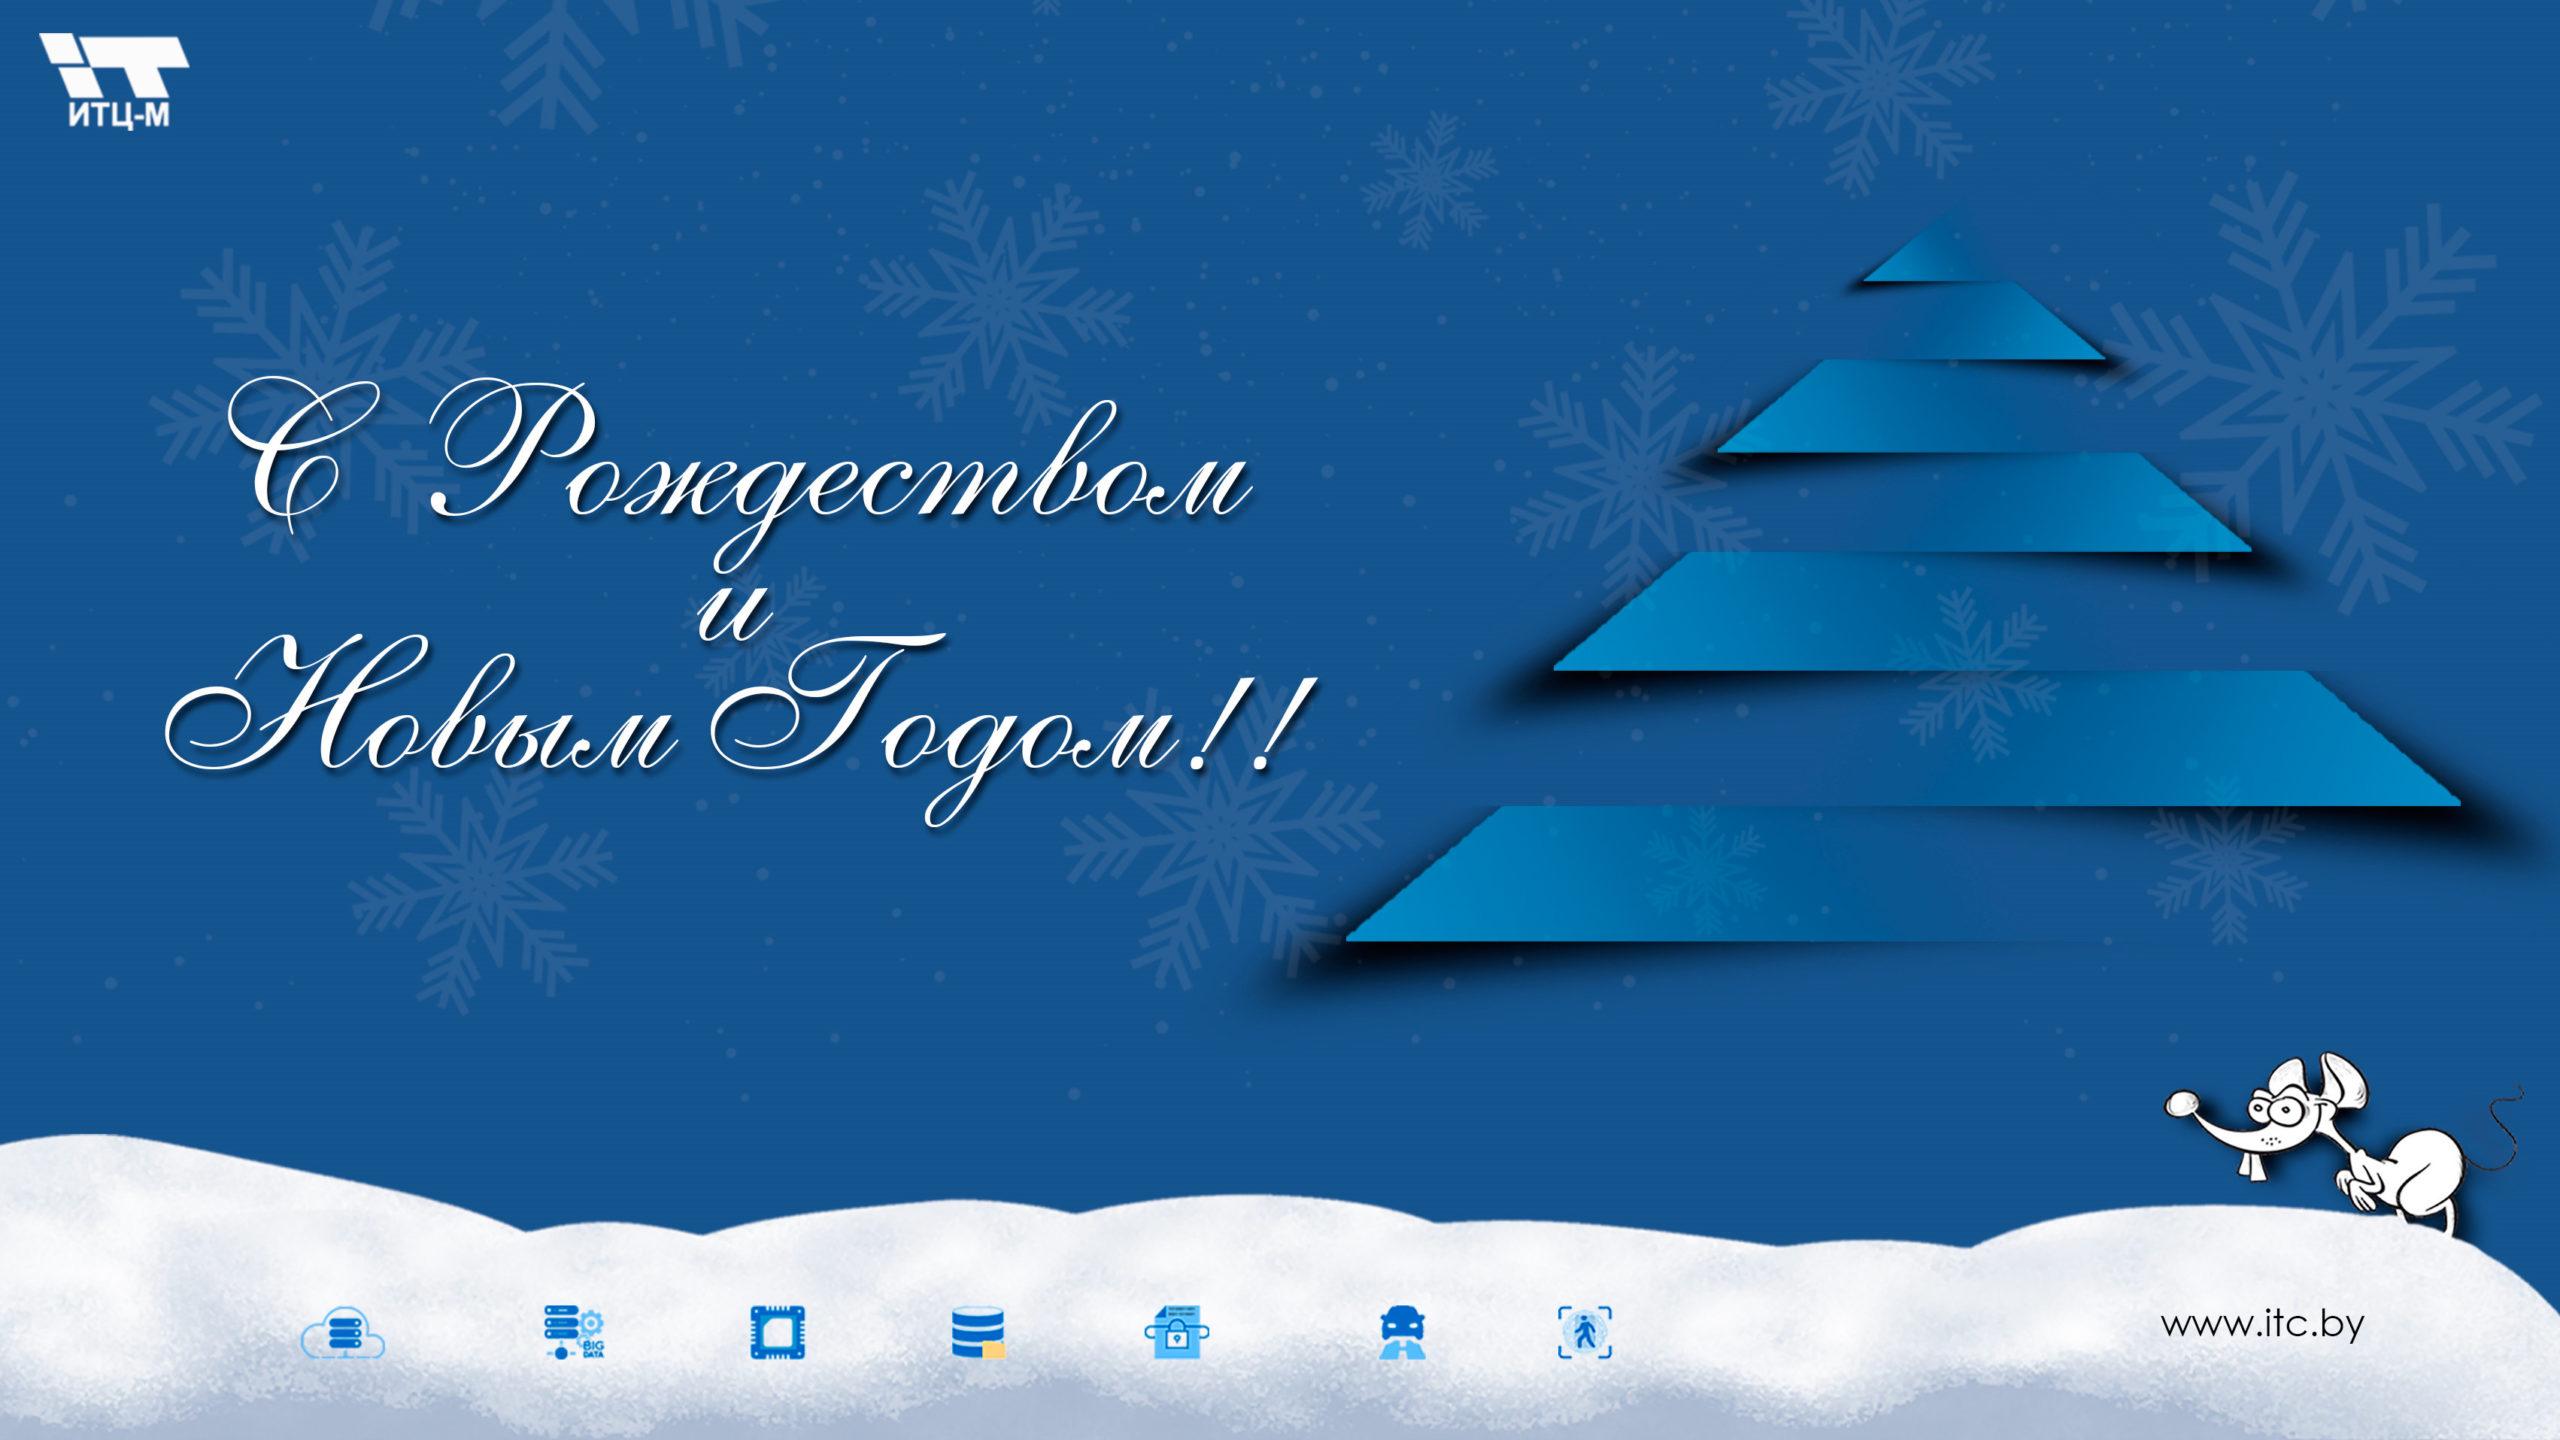 С Рождеством и НГ